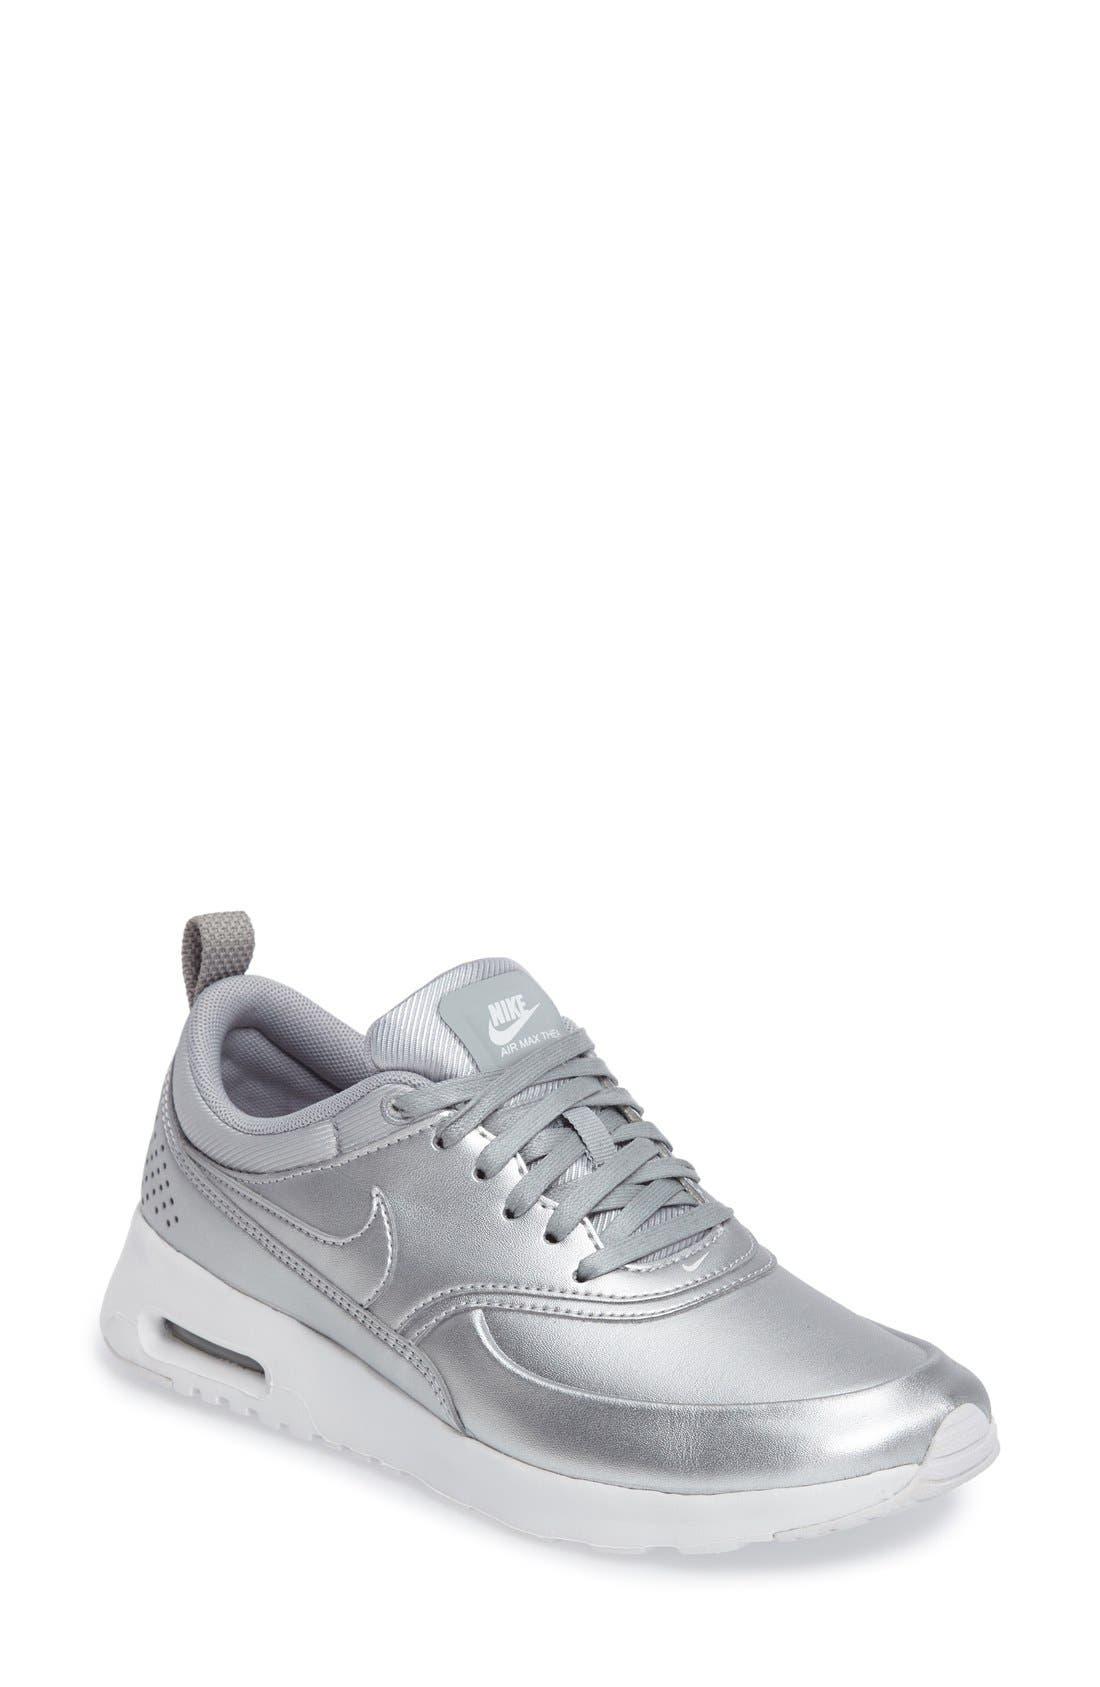 Main Image - Nike 'Air Max Thea SE' Sneaker (Women)